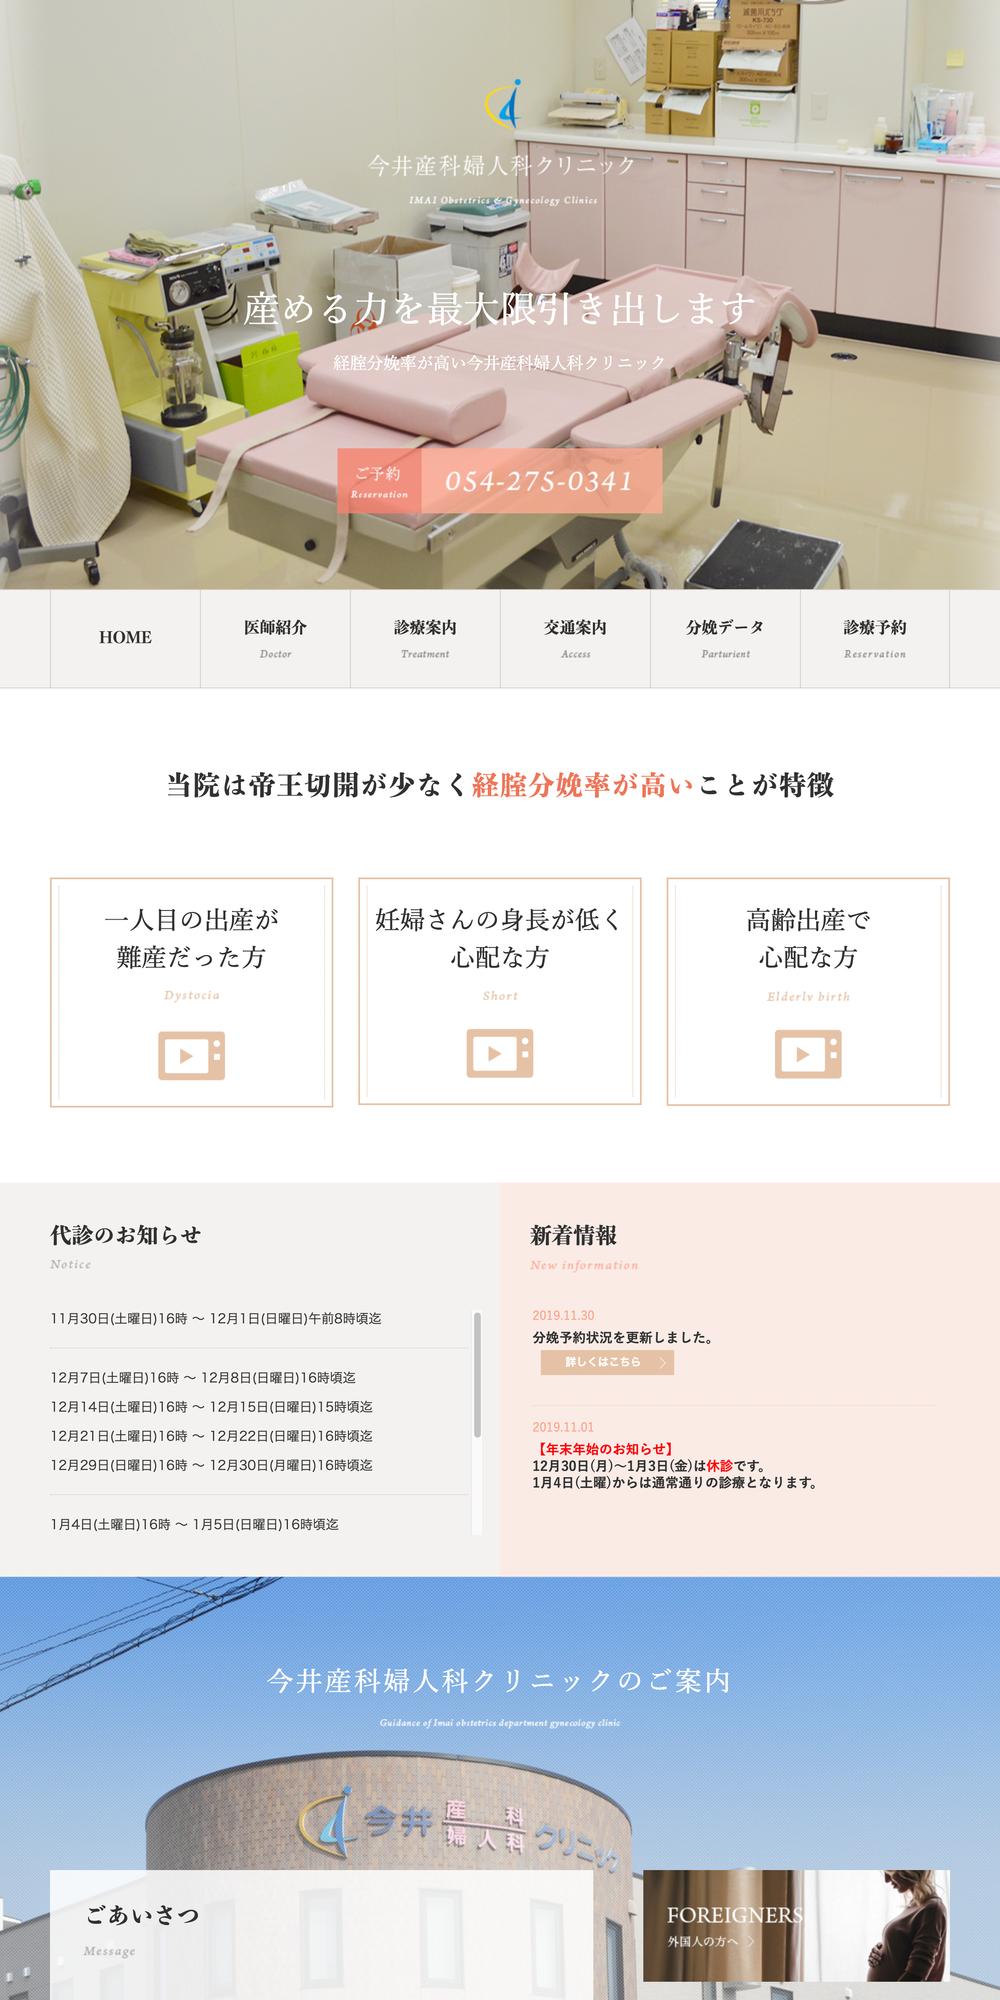 病院 クリニック おしゃれまとめの人気アイデア Pinterest Taro Sanko 産科 産婦人科 クリニック